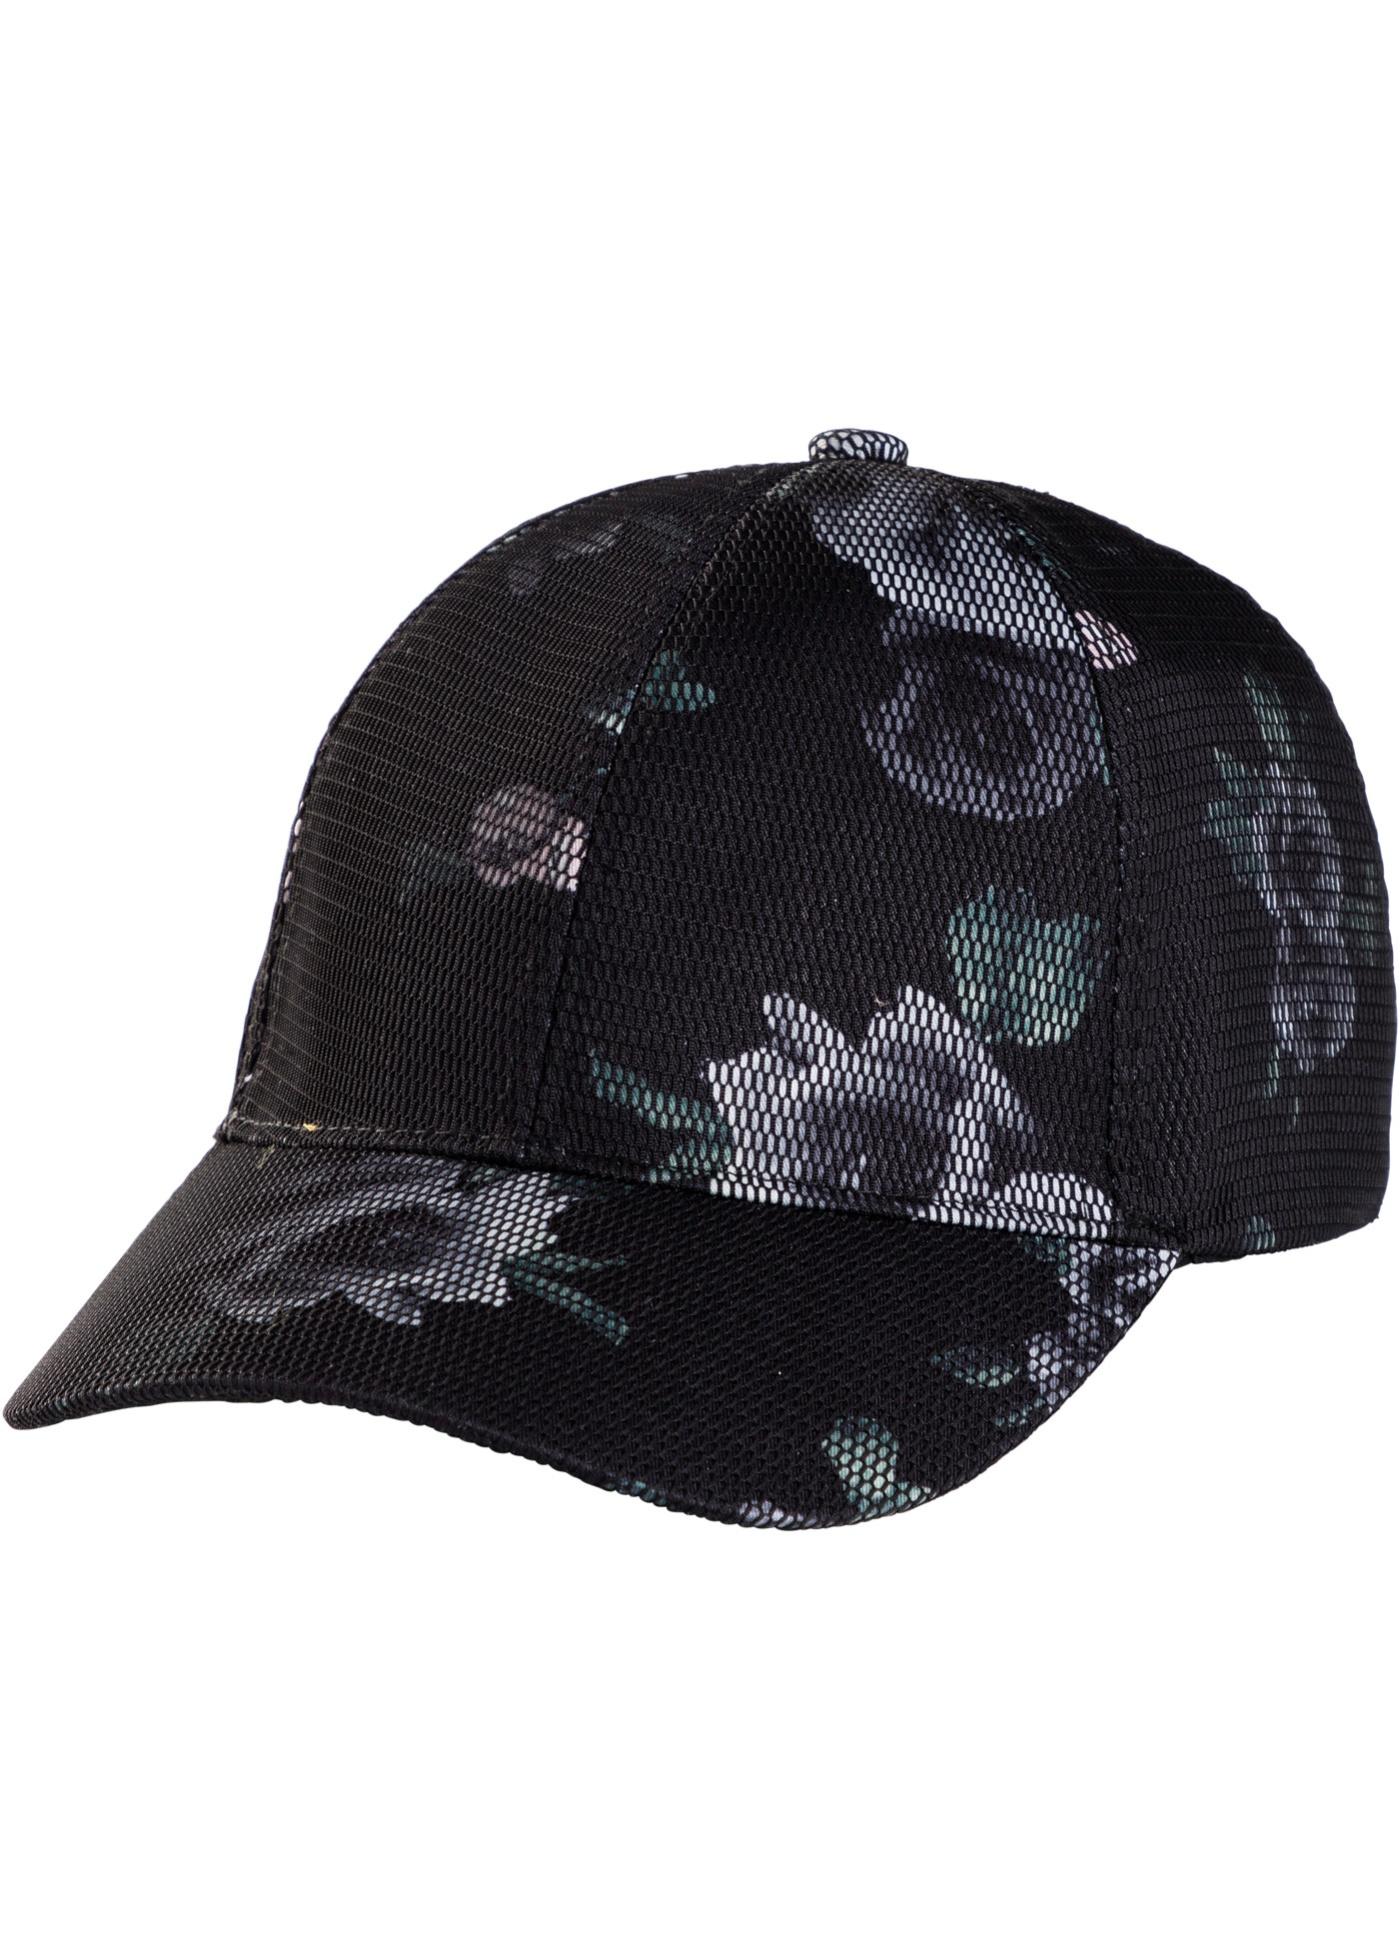 Čepice s kšiltem v síťovaném vzhledu - Černá